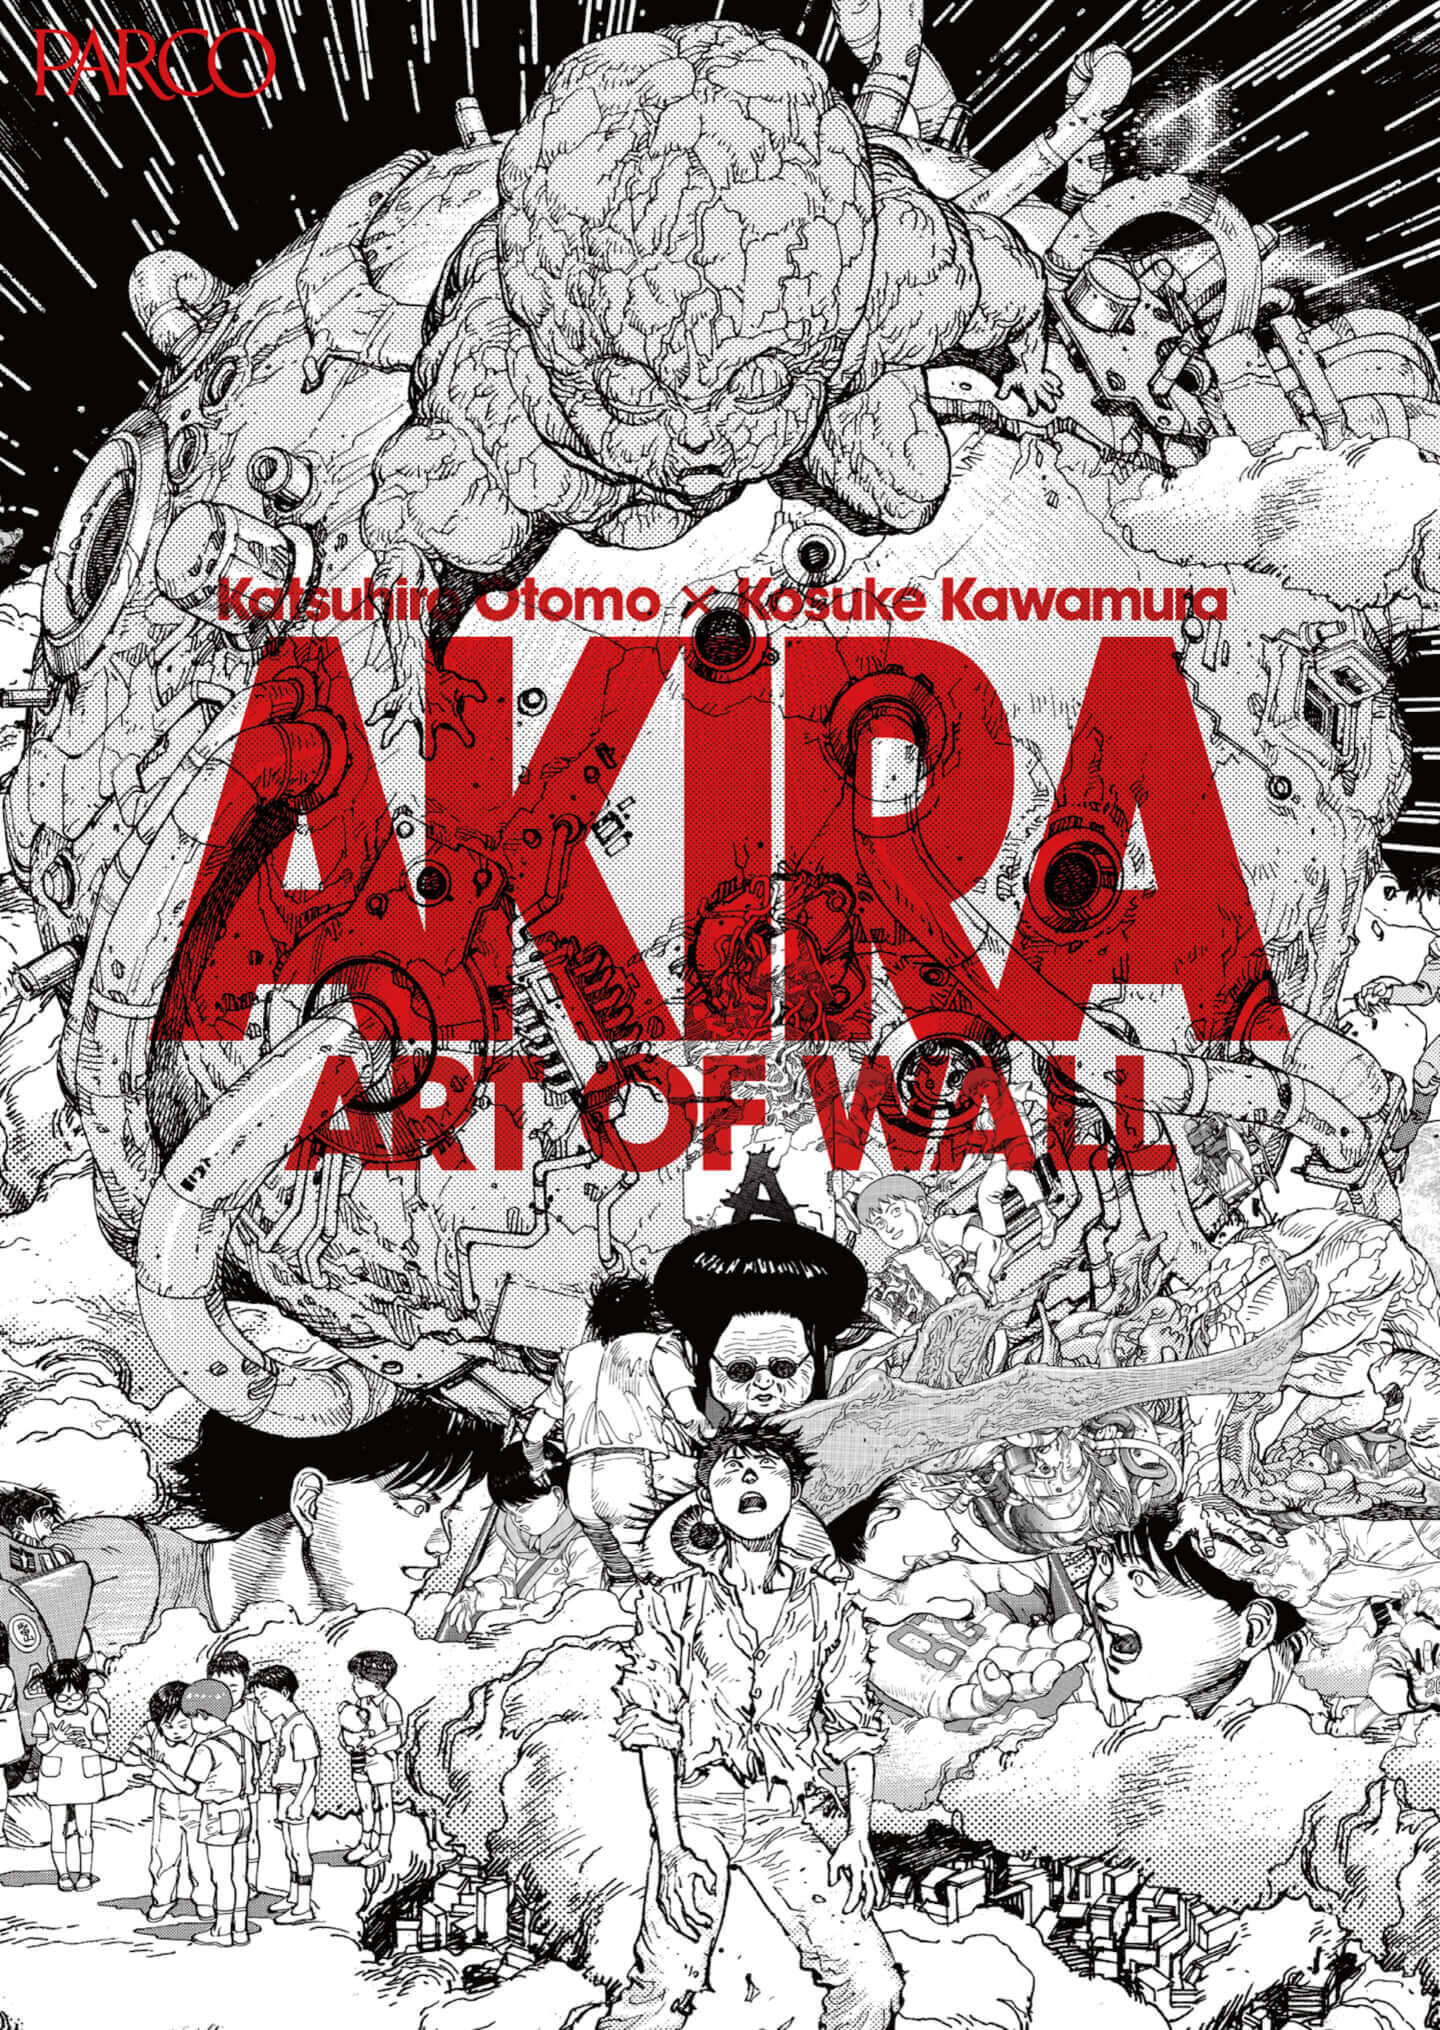 新生渋谷パルコに Galleryx 再登場 Akira 展覧会に続いてずん